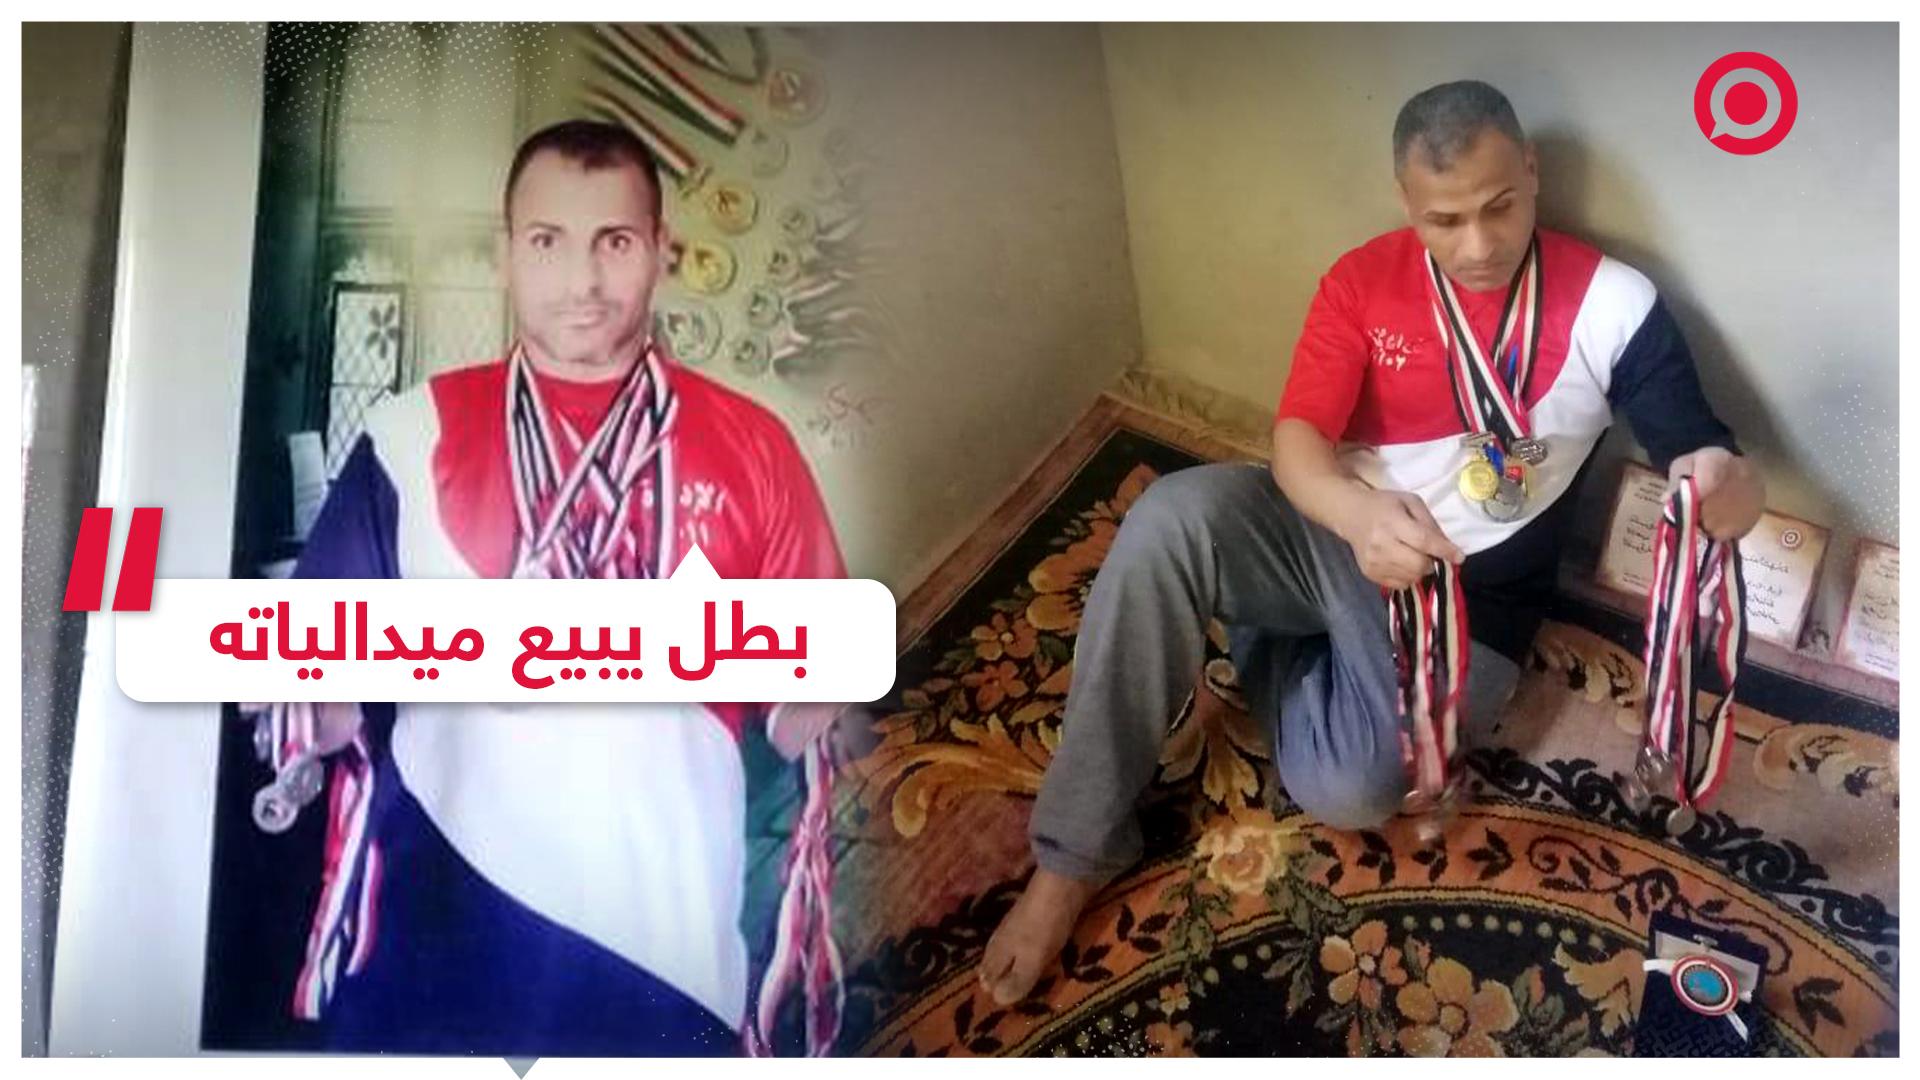 بطل مصري يعرض ميدالياته للبيع لينفق على نفسه